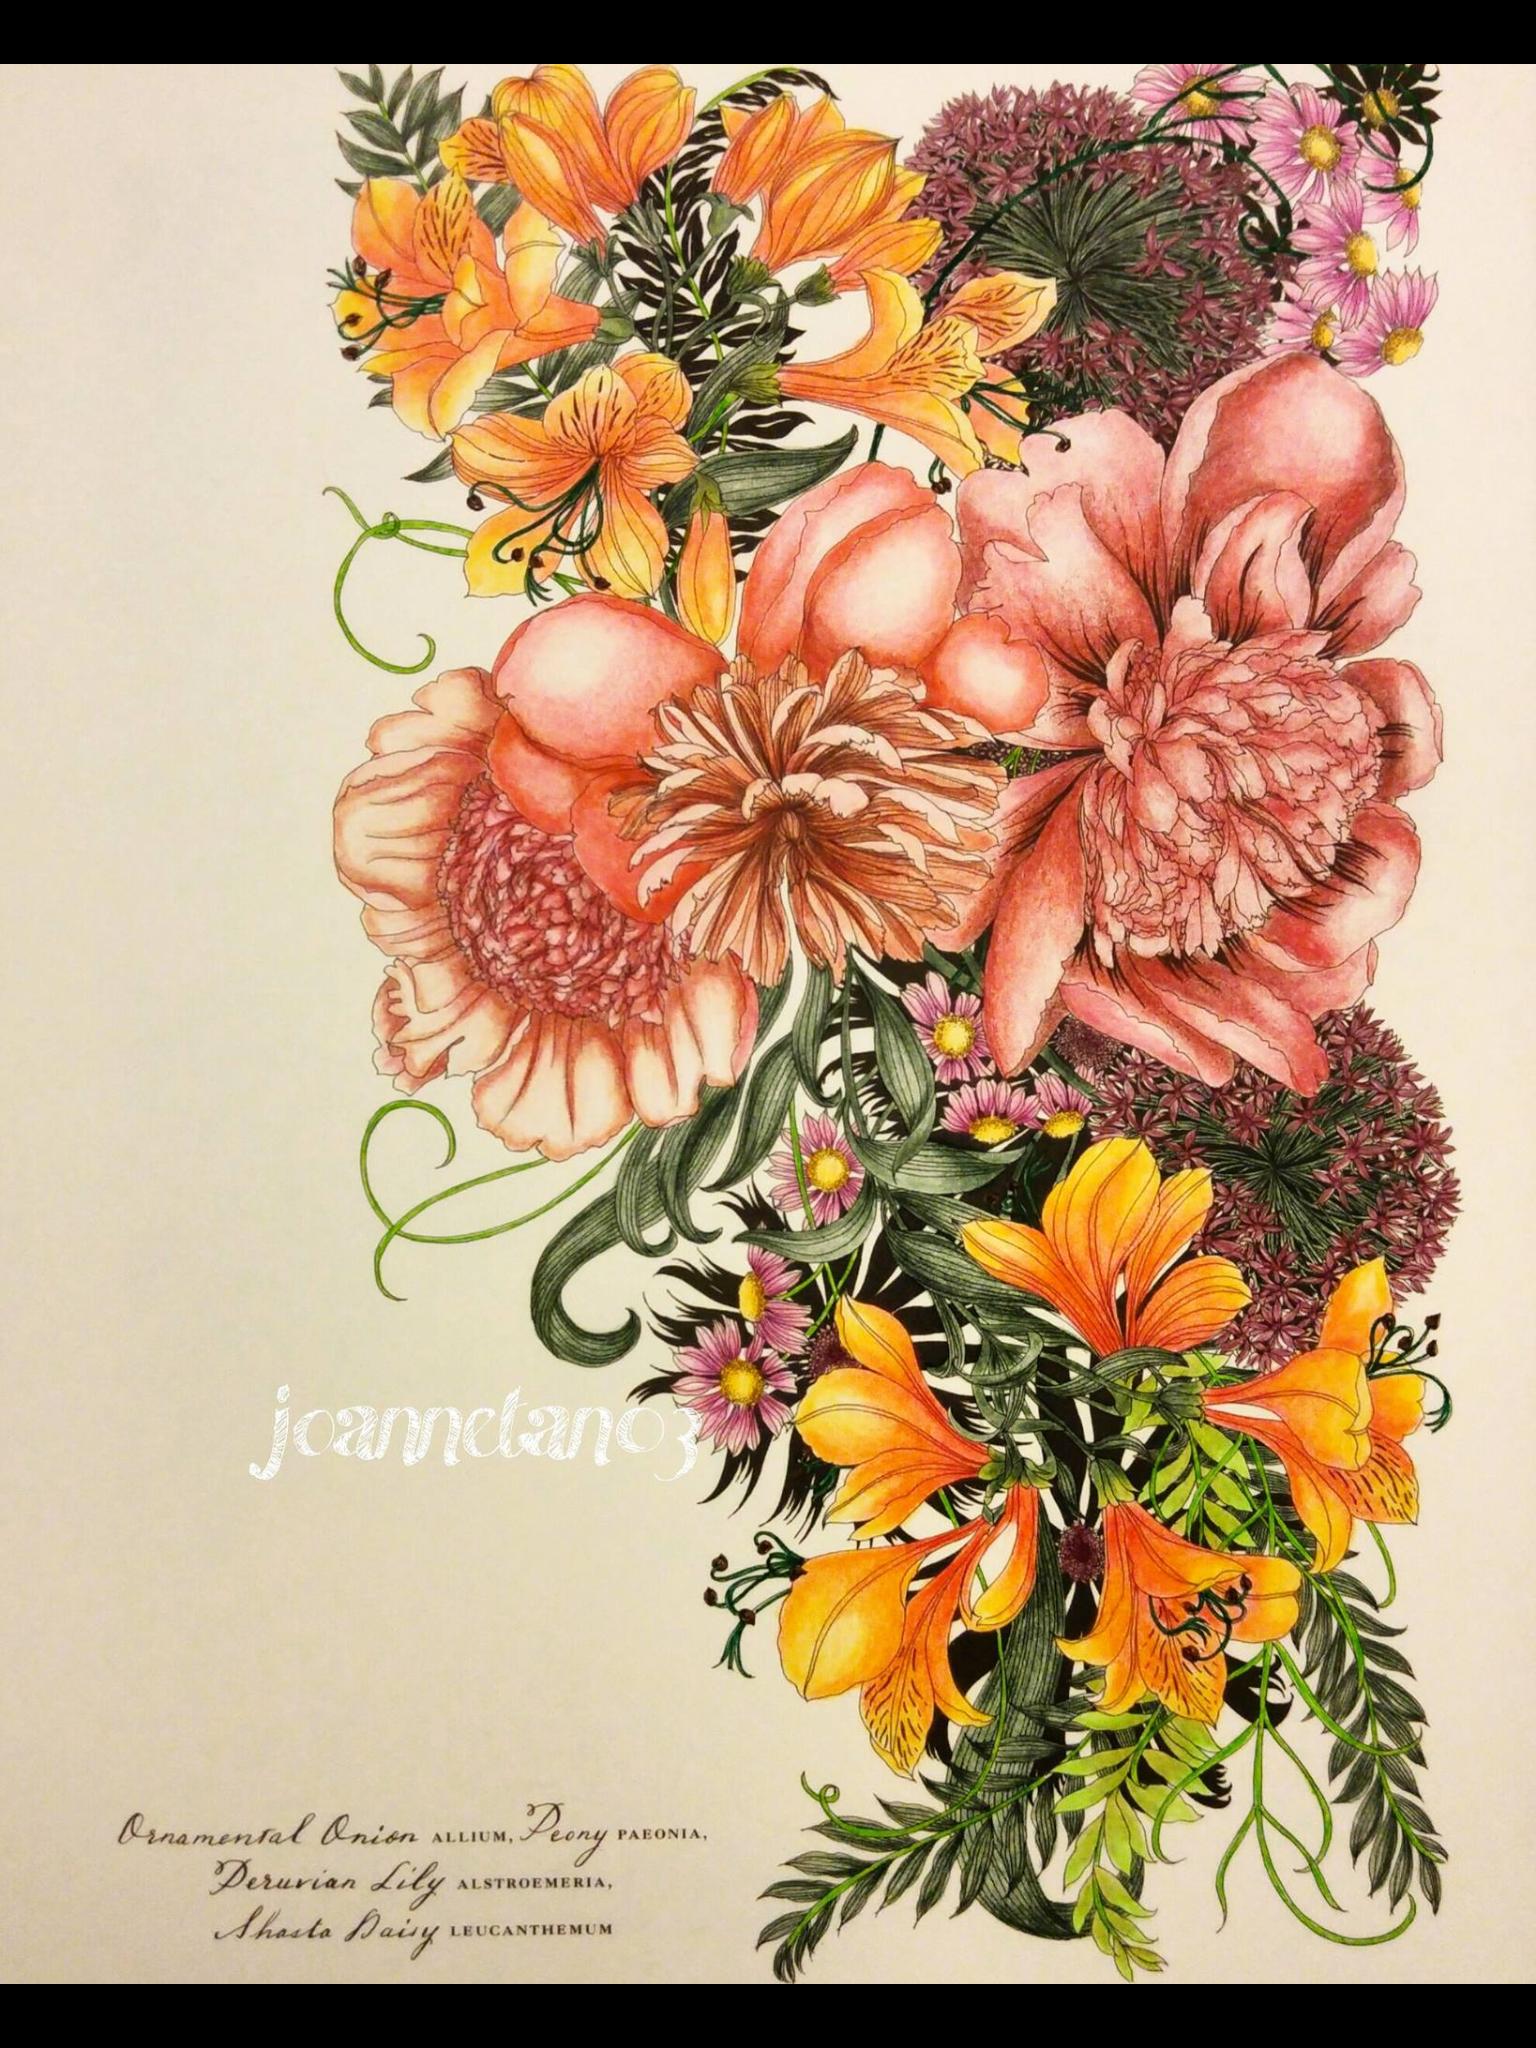 Pin de Happy Beppie en Color book floribunda   Pinterest   Flores y Arte